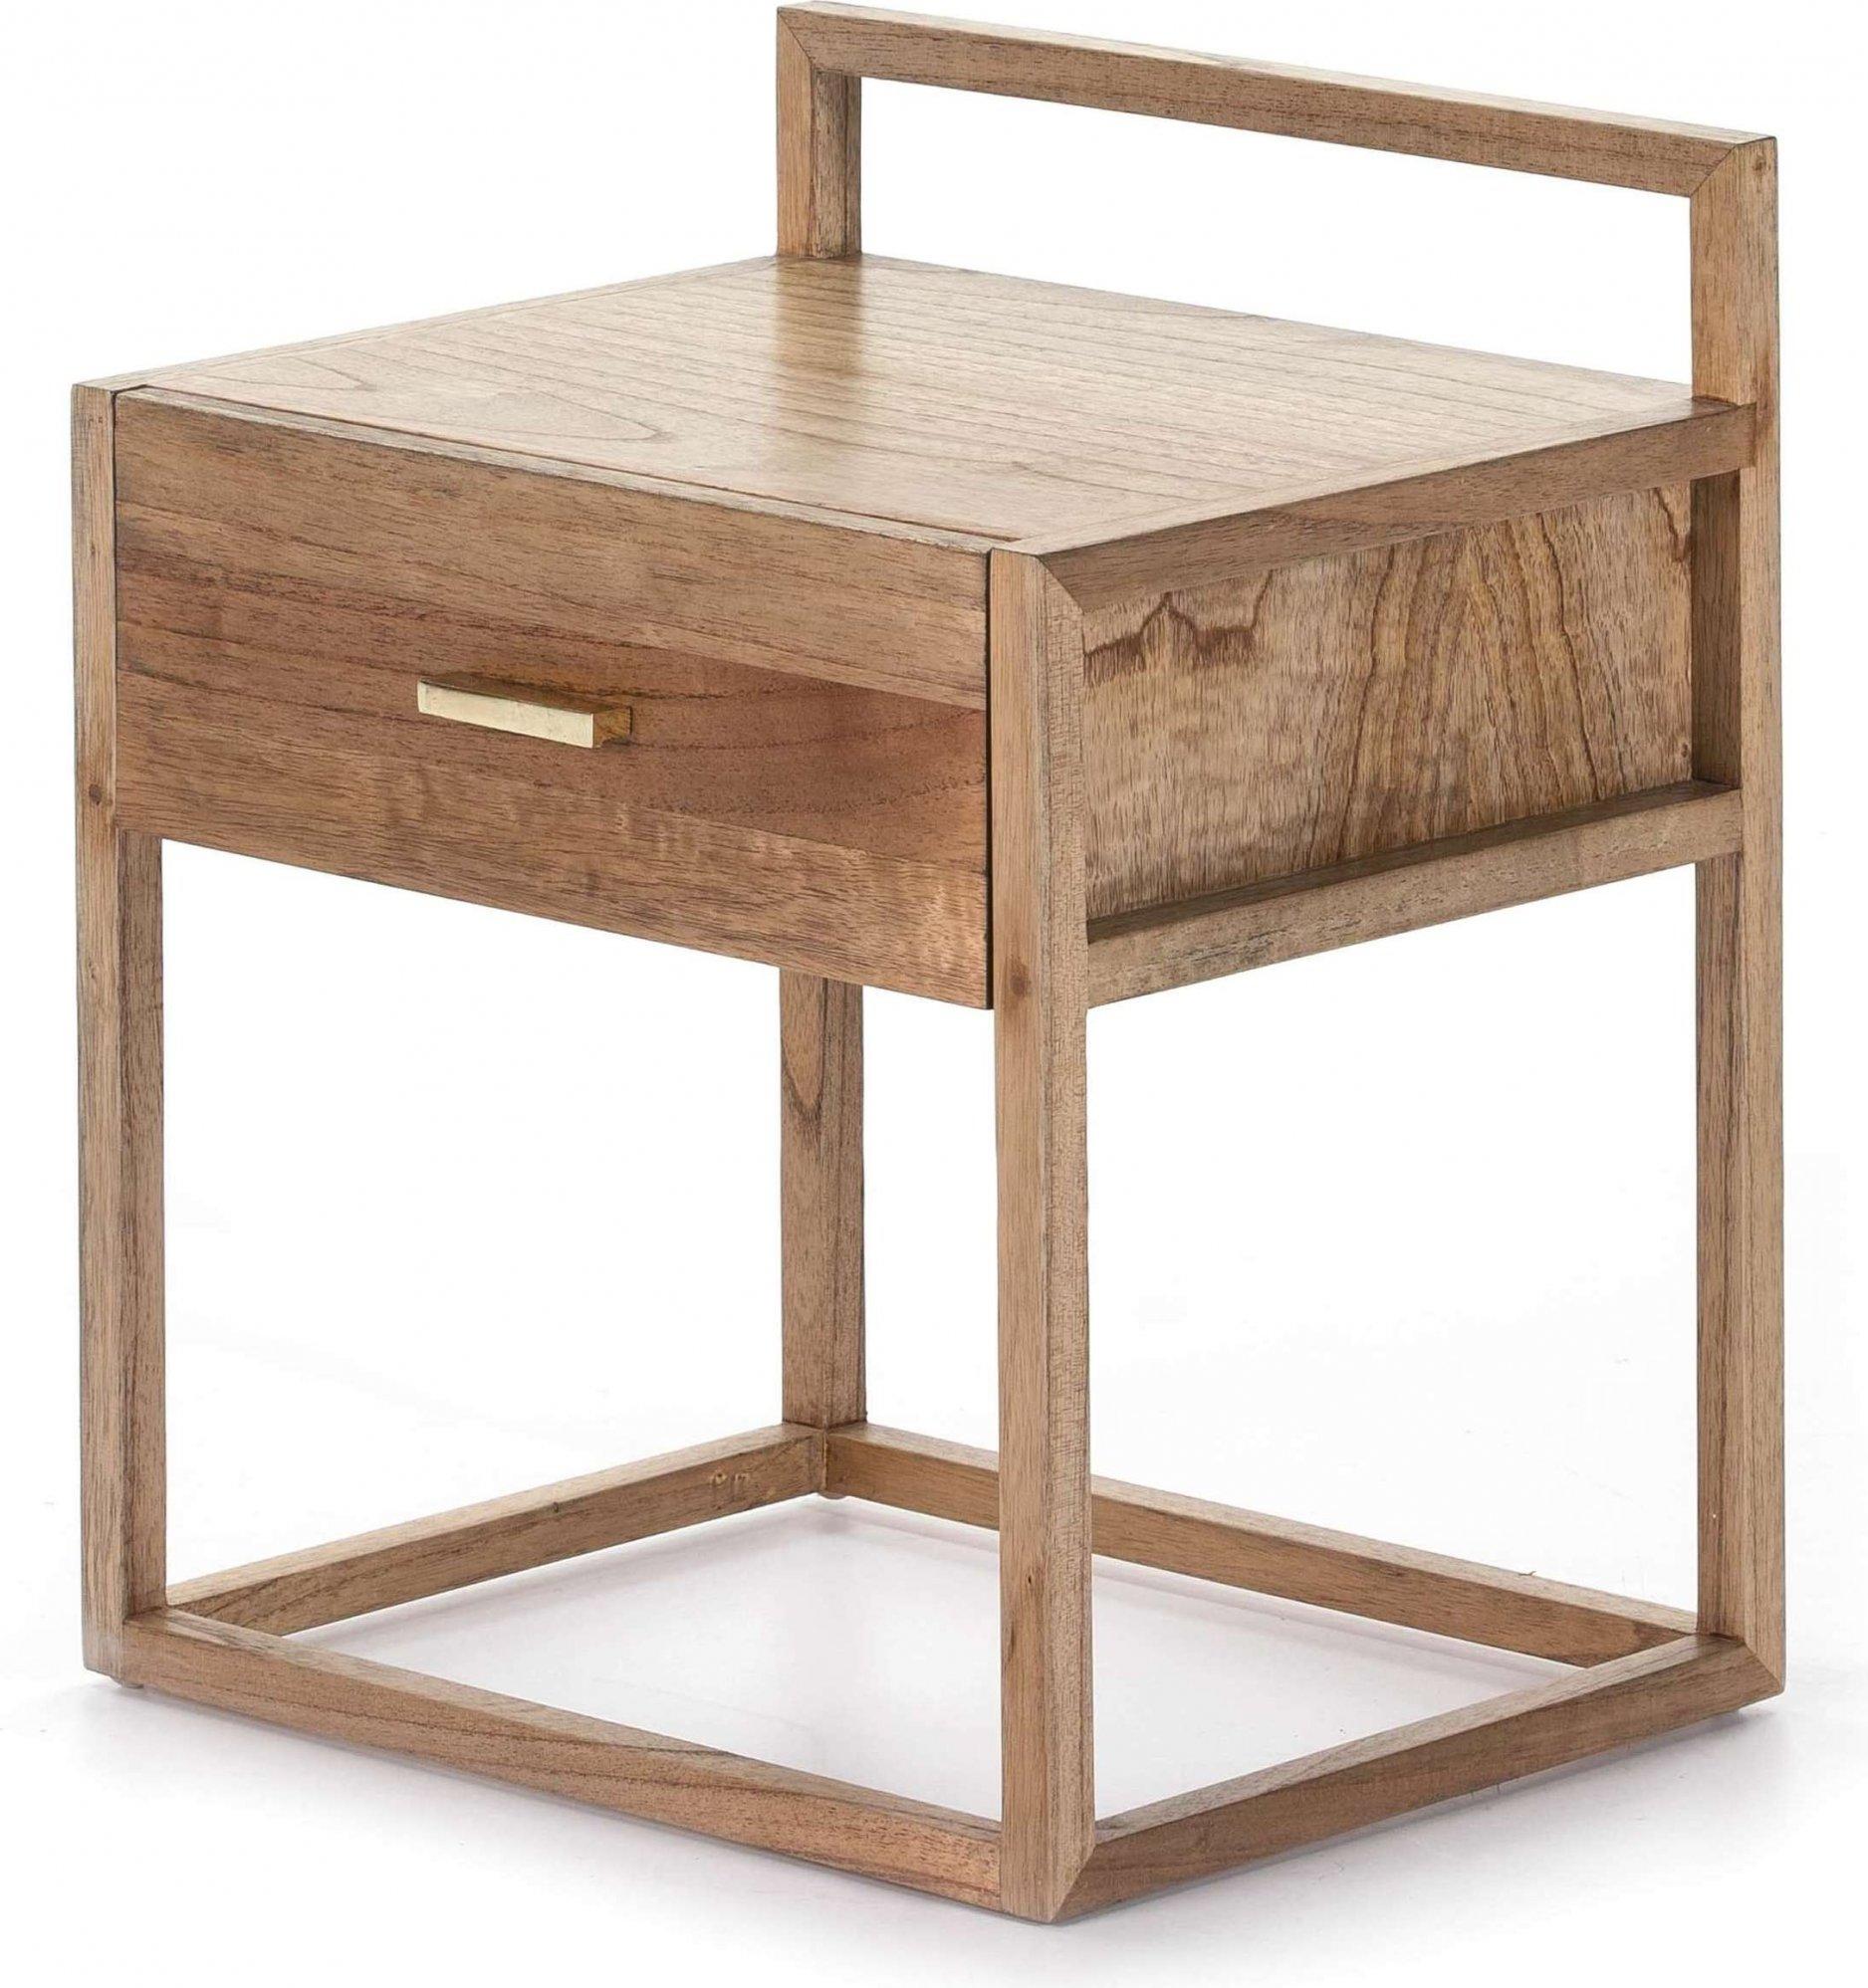 Table de chevet cubique en bois couleur clair et doré